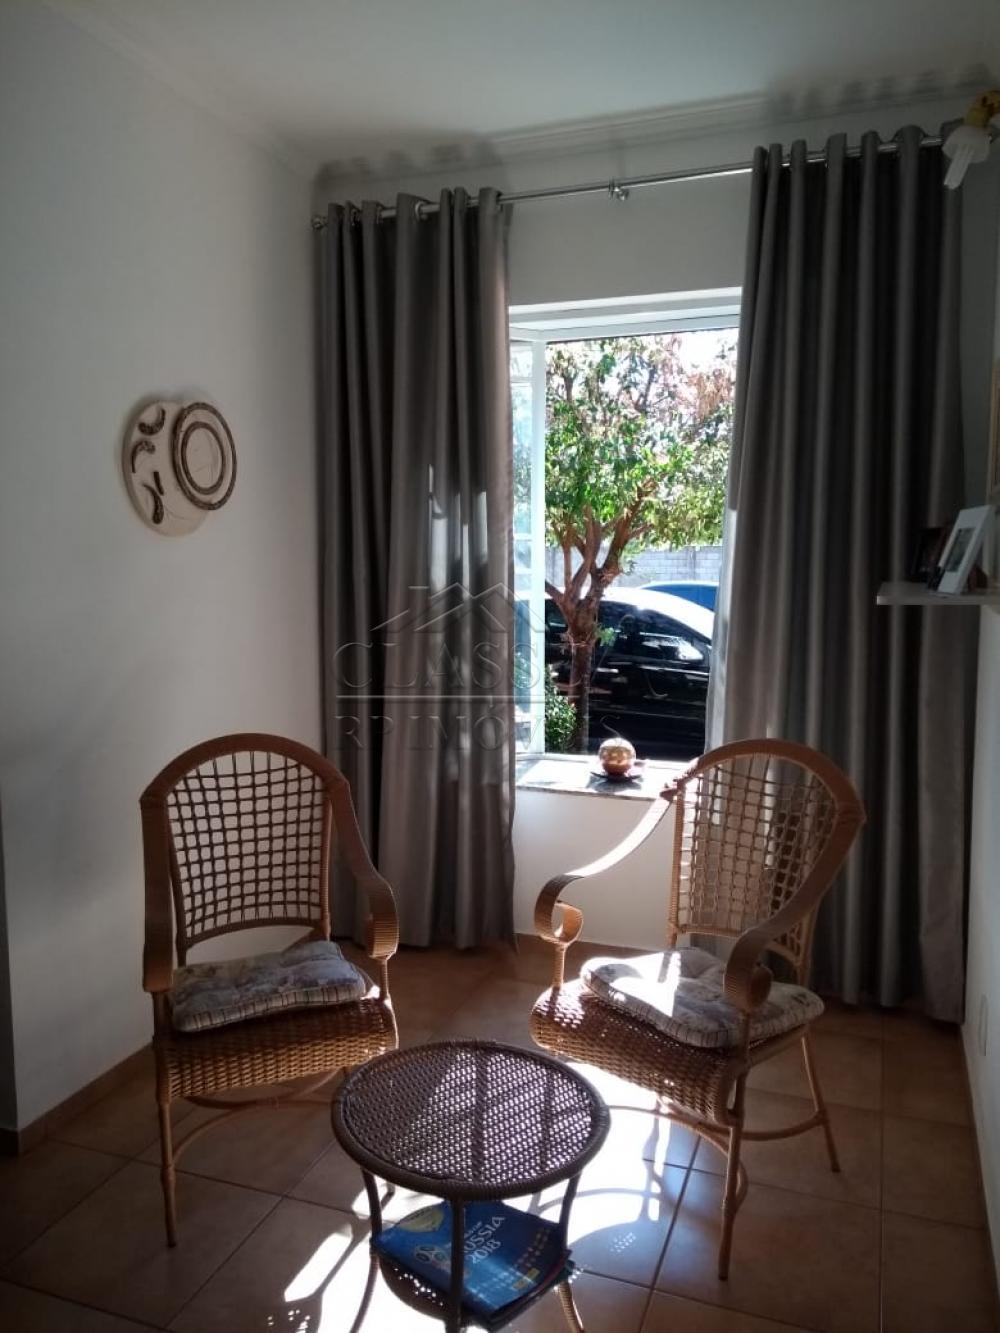 Comprar Casa / Condomínio - sobrado em Ribeirão Preto apenas R$ 450.000,00 - Foto 12